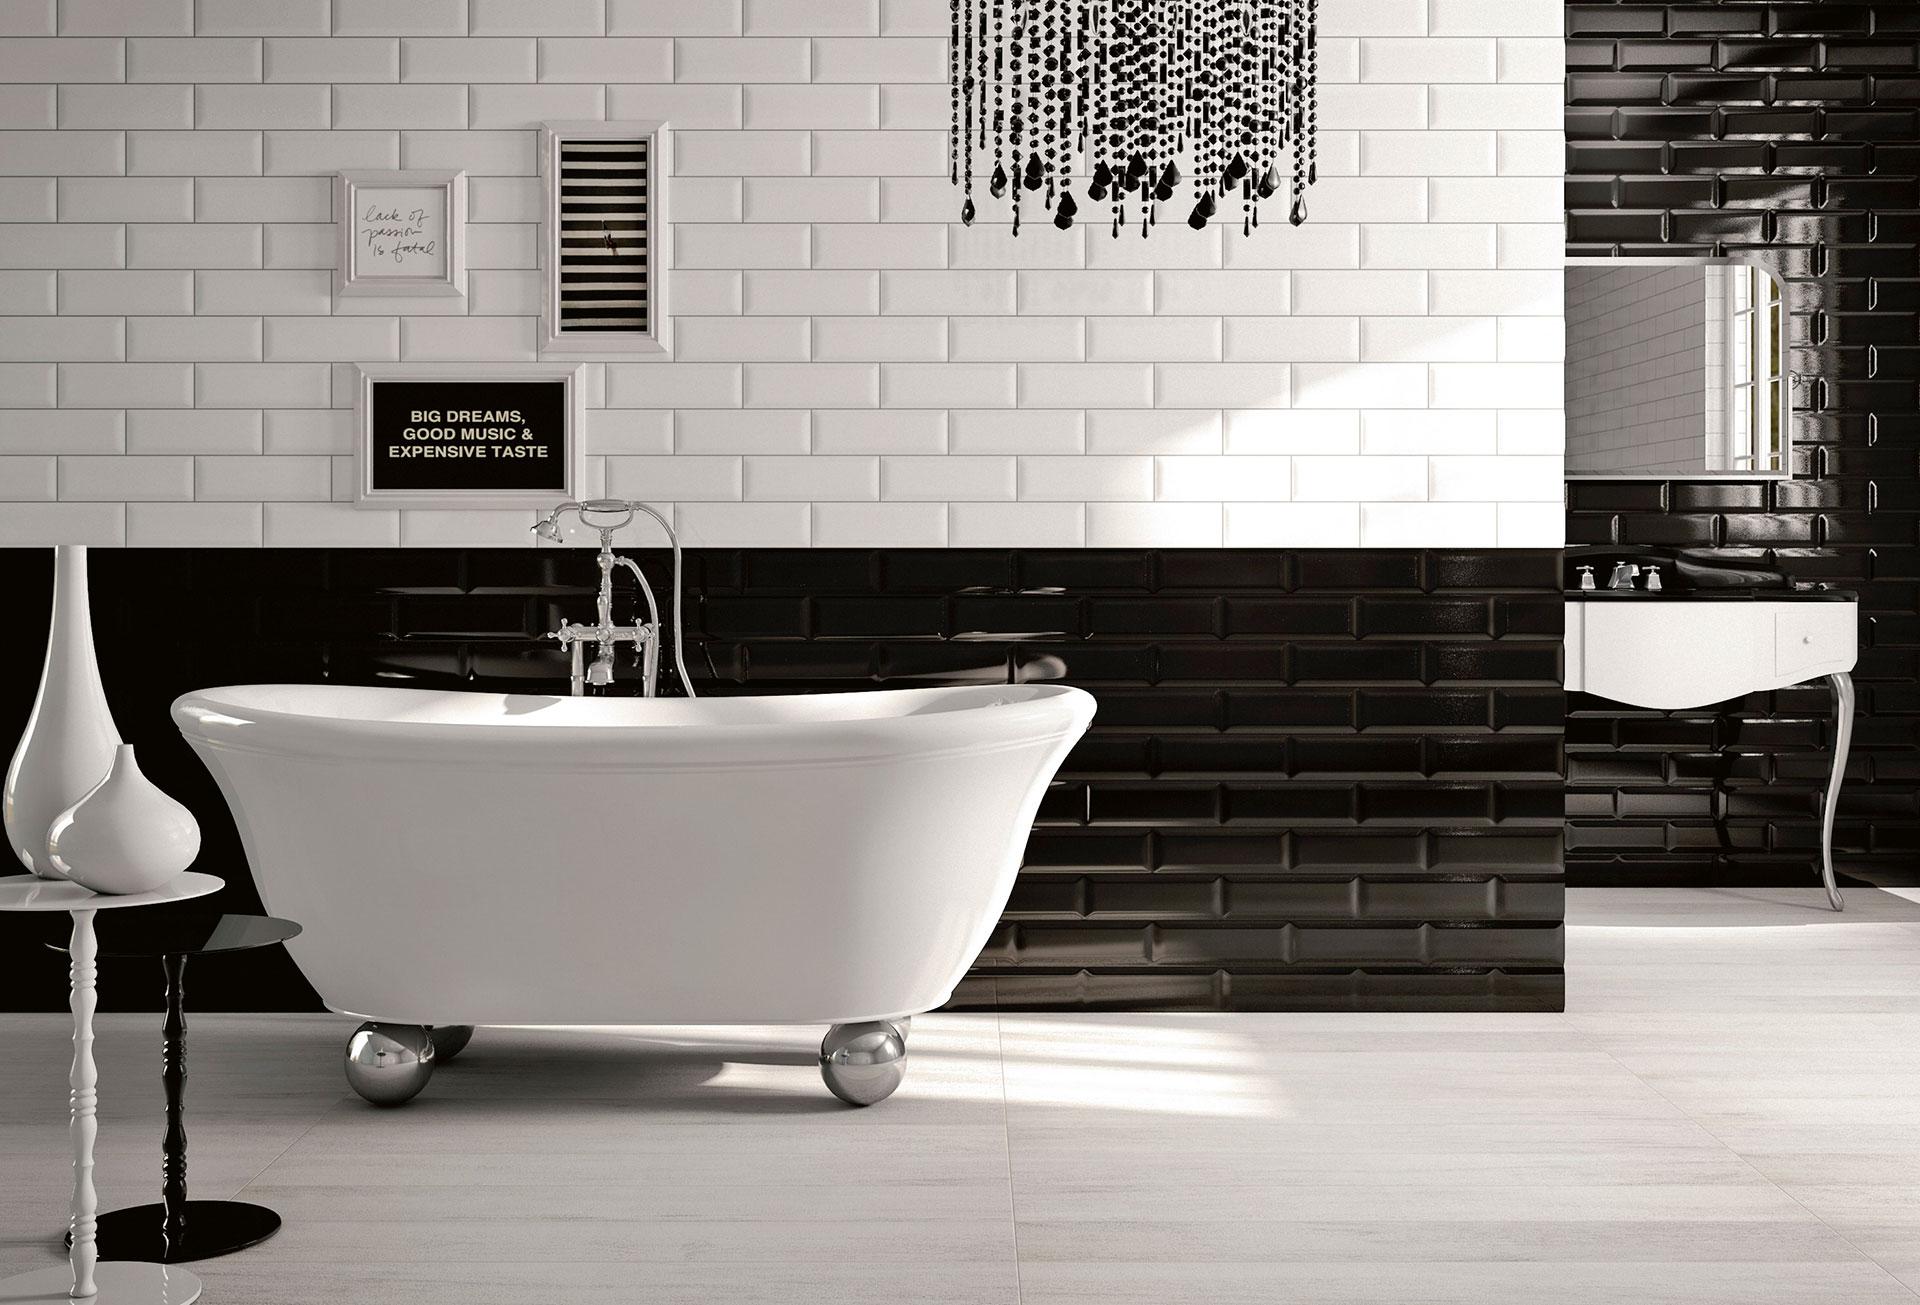 Verkleidungen für Bad und Küche Adamas: neue Horizonte für die technische Keramik